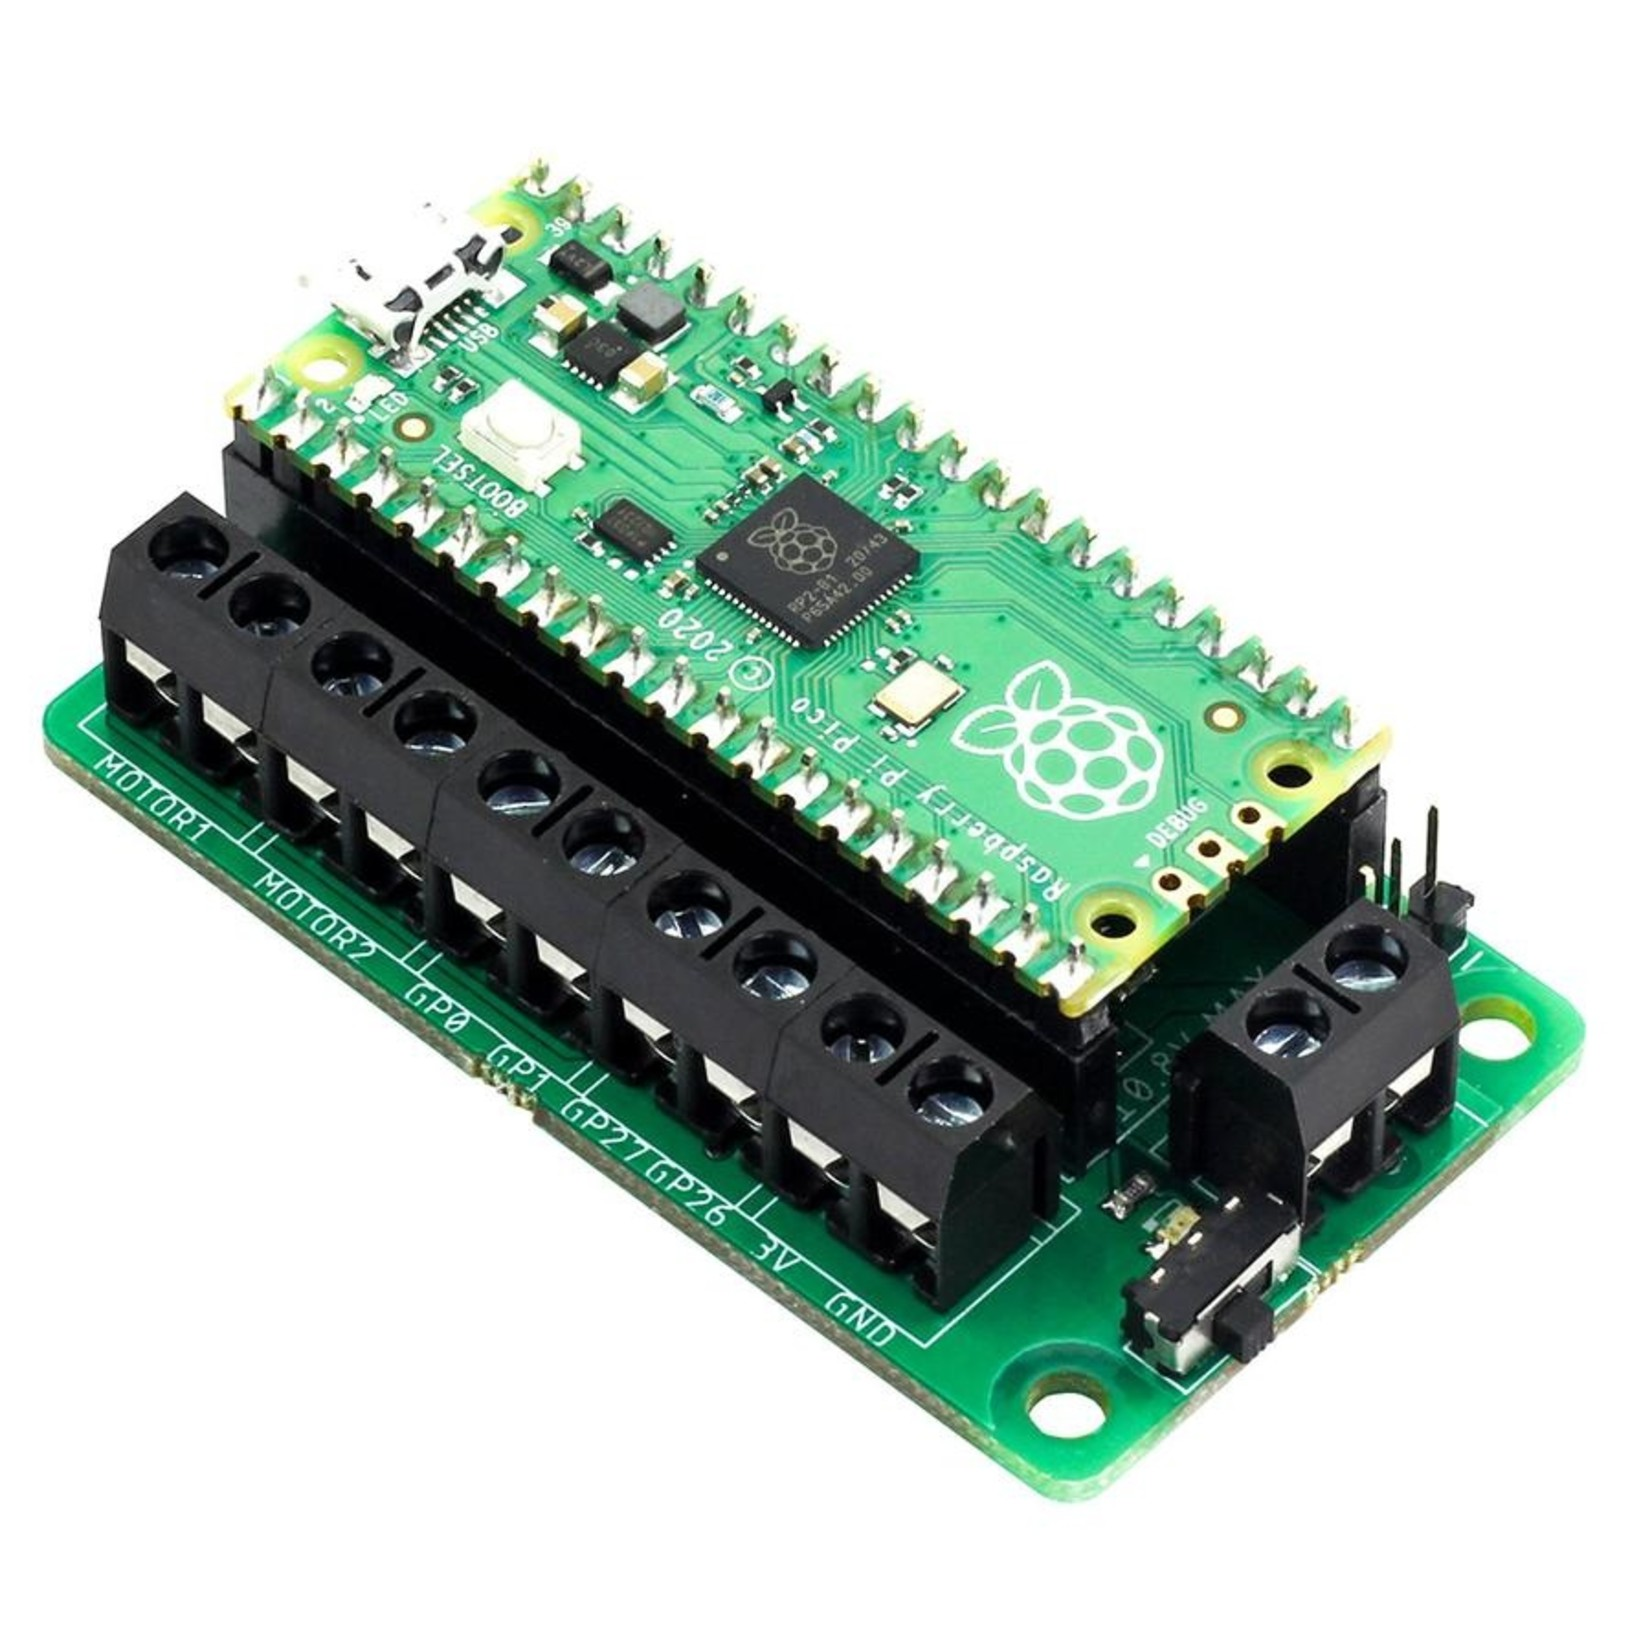 Kitronik Motor Driver Board for Raspberry Pi Pico